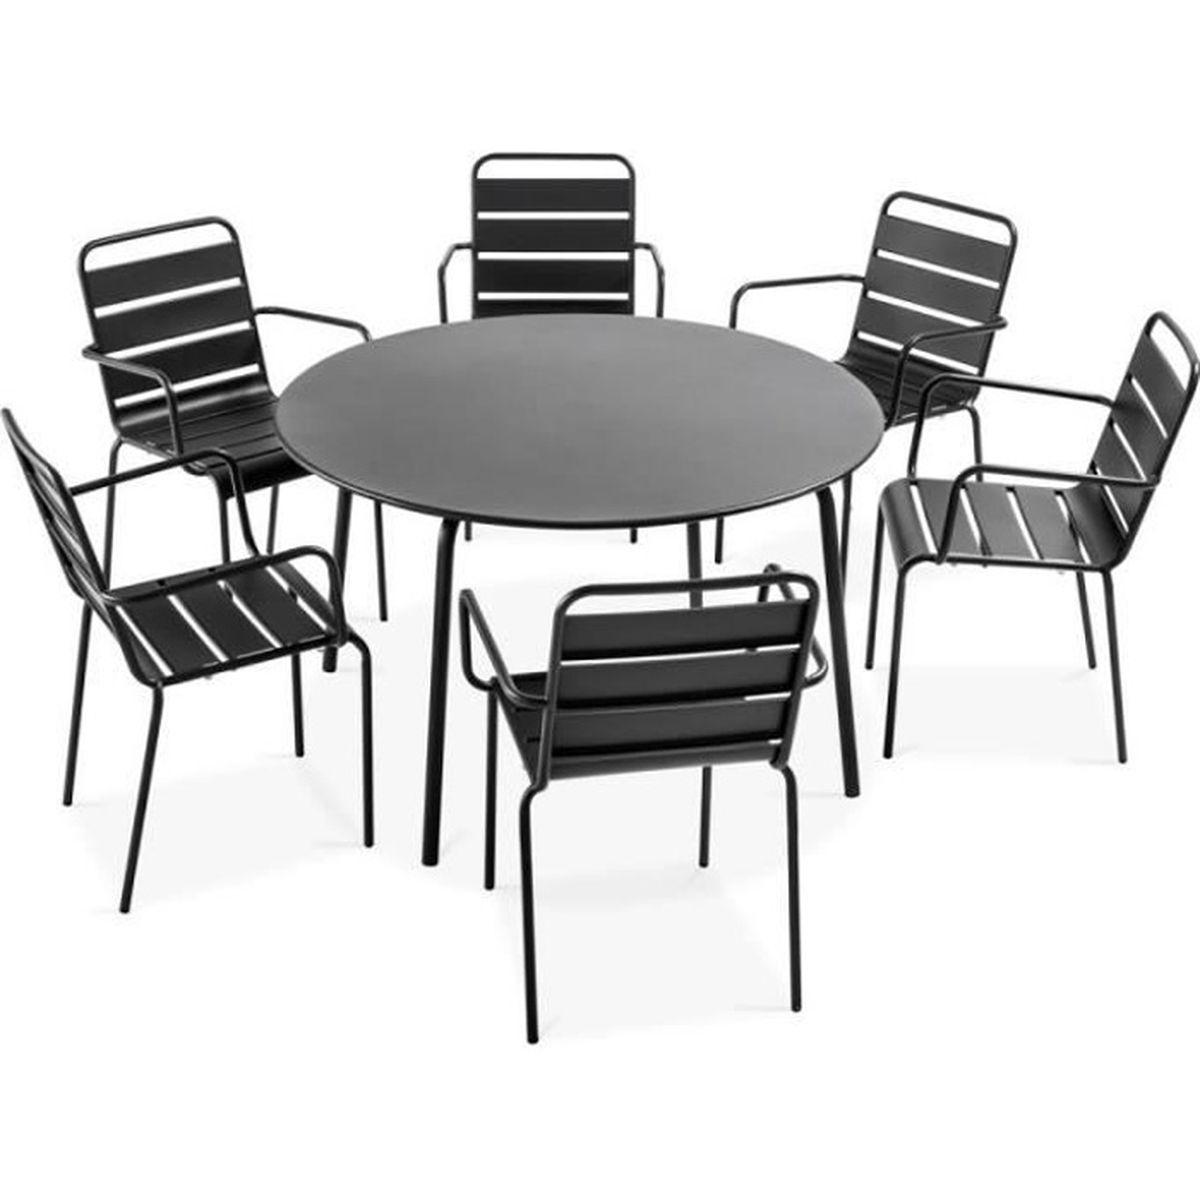 Table de jardin ronde grise et 6 fauteuils en acier Gris - Achat ...